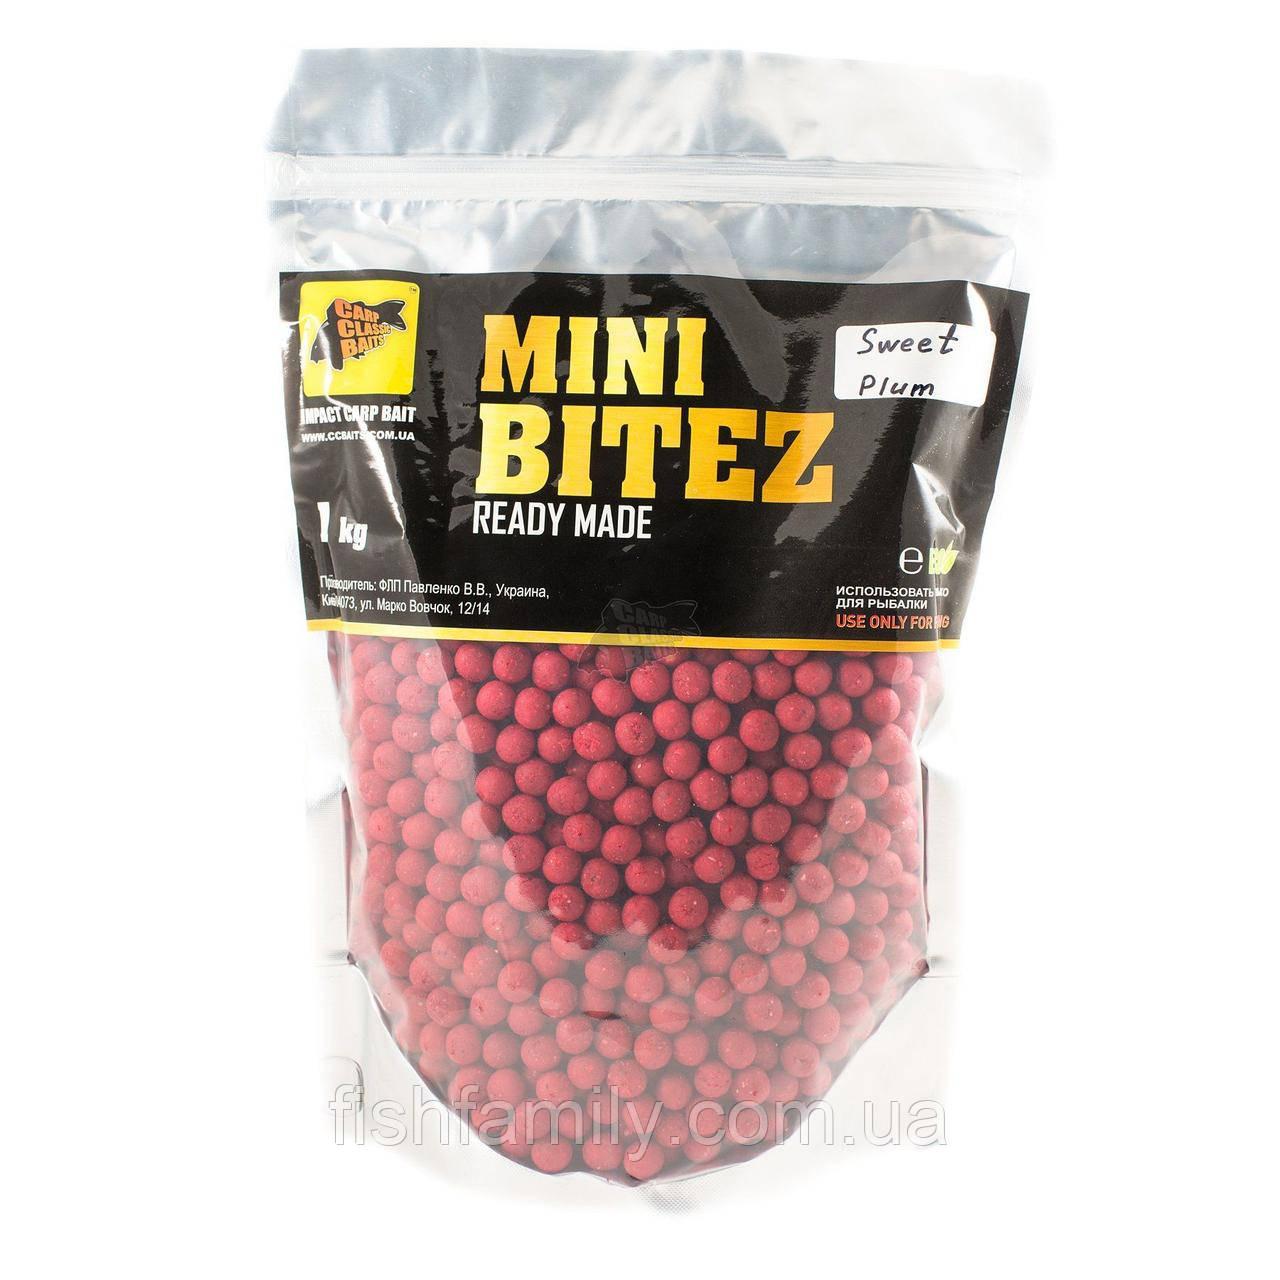 Пылящие Бойлы Mini Bitez Sweet Plum [Сладкая Слива], 10, 1000